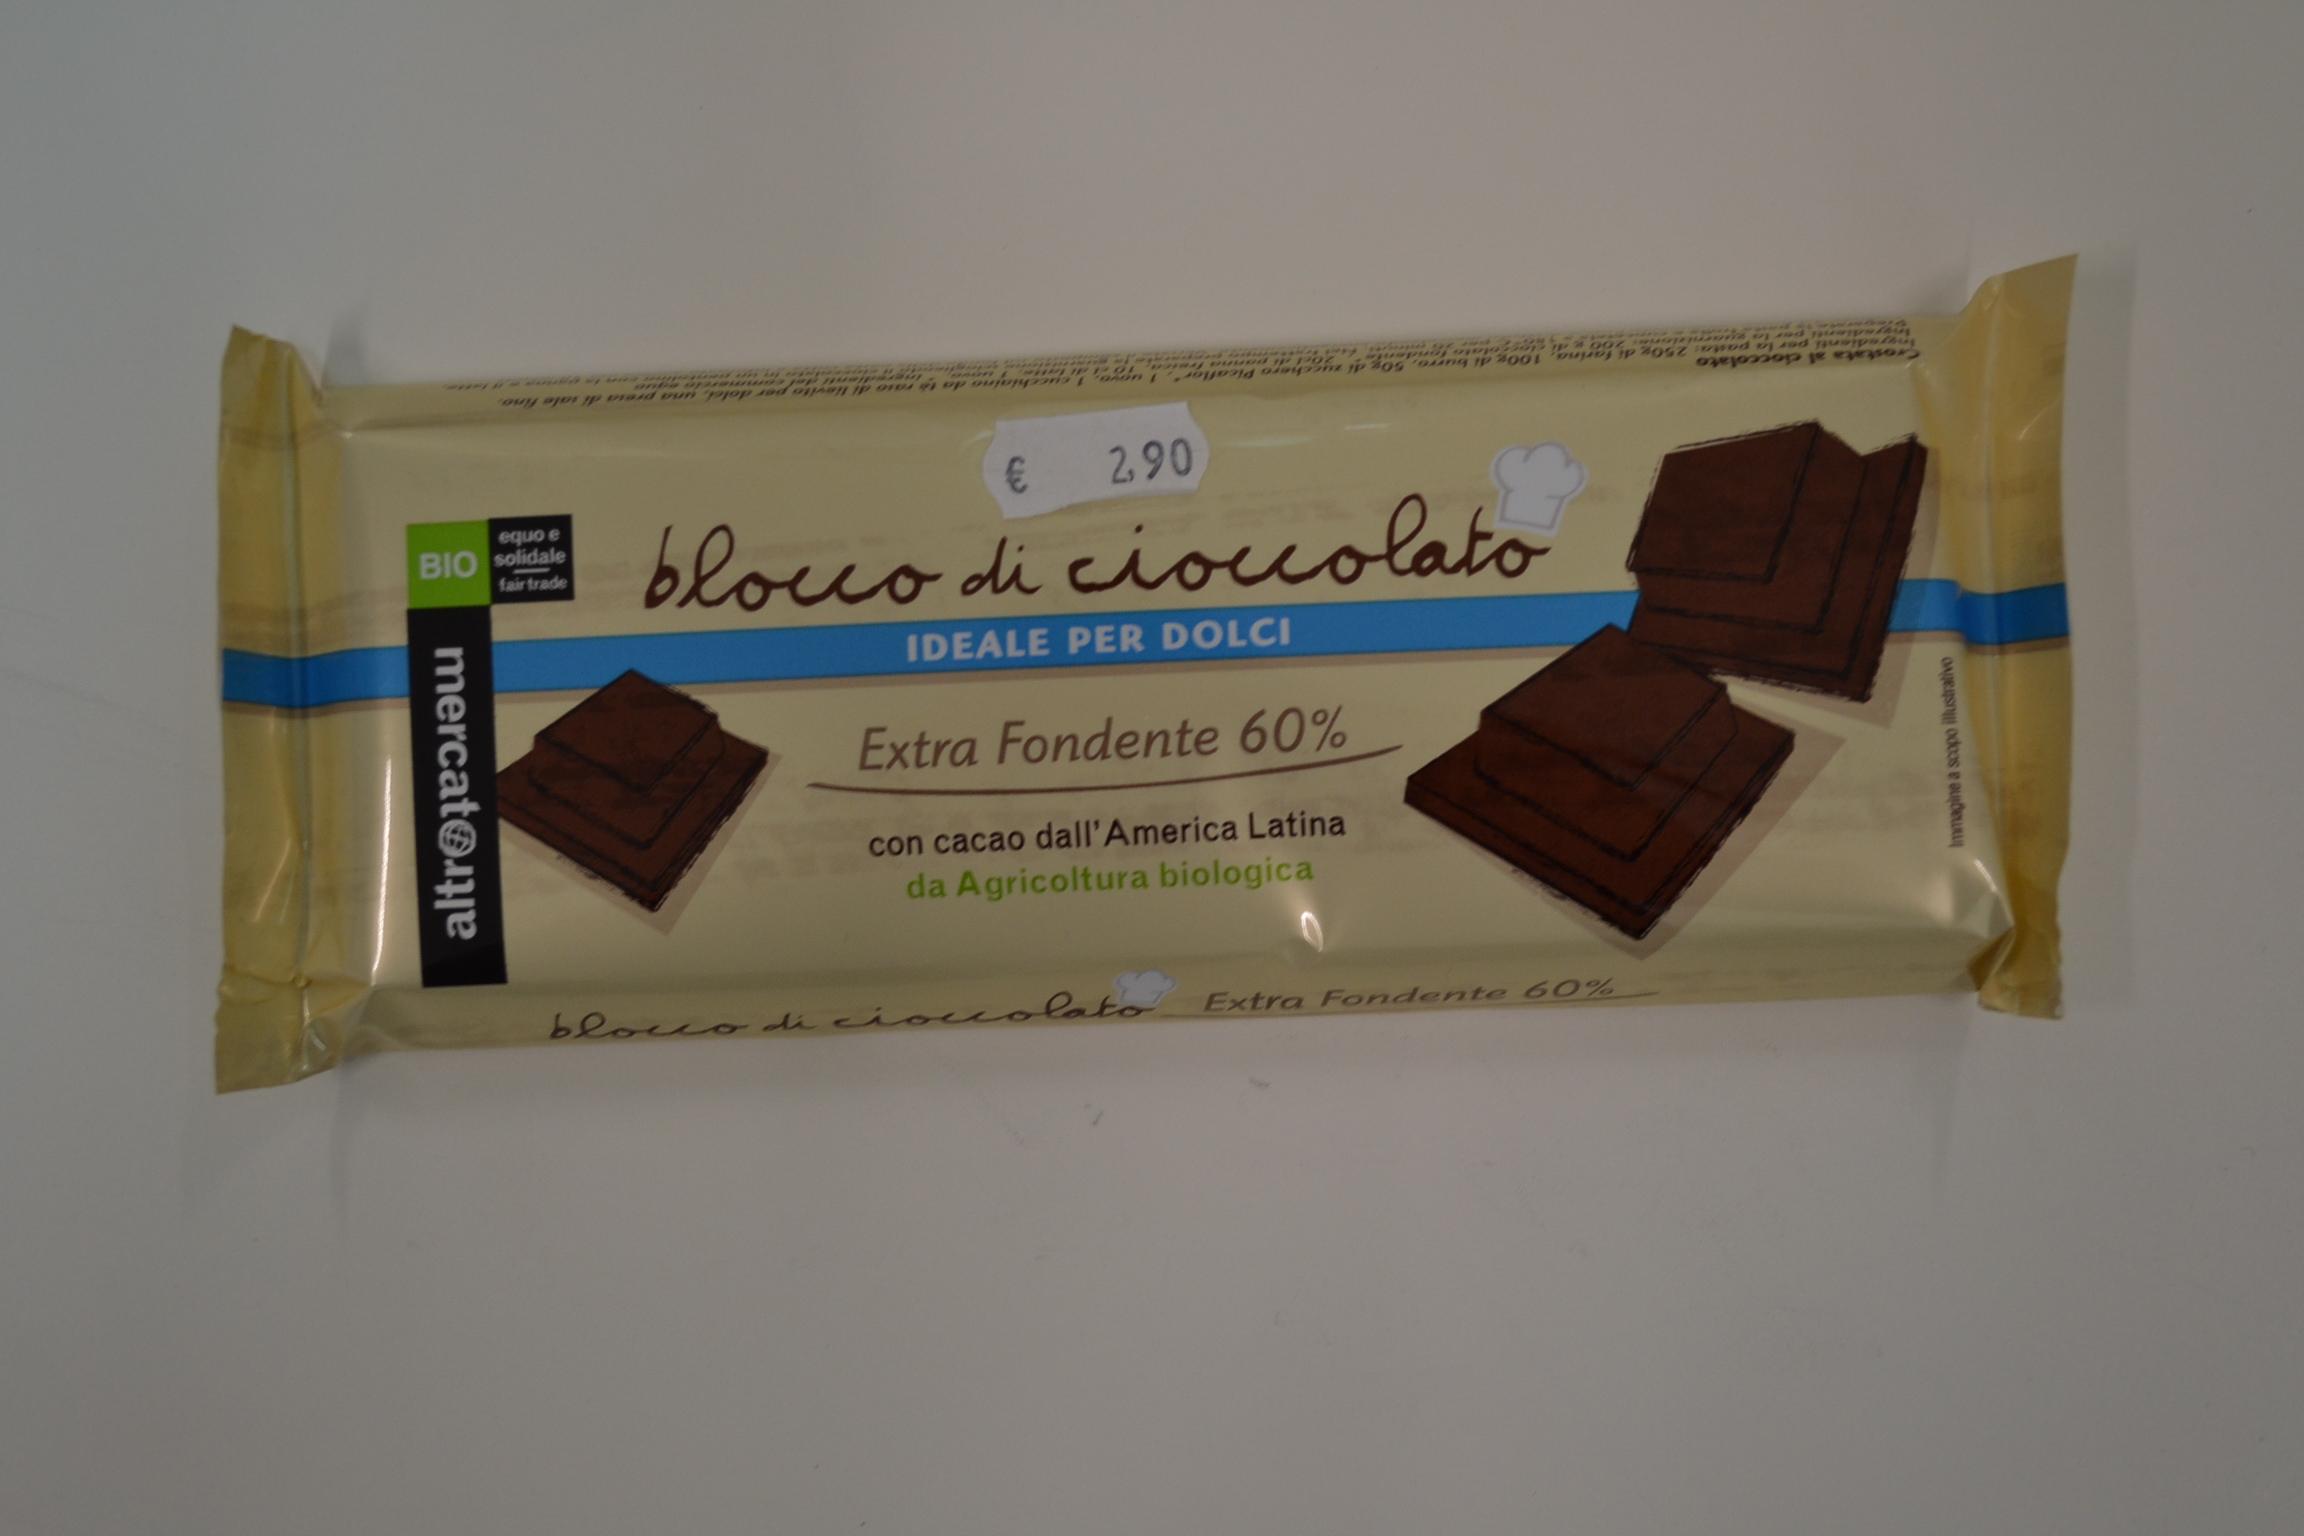 Blocco di cioccolato ALTROMERCATO